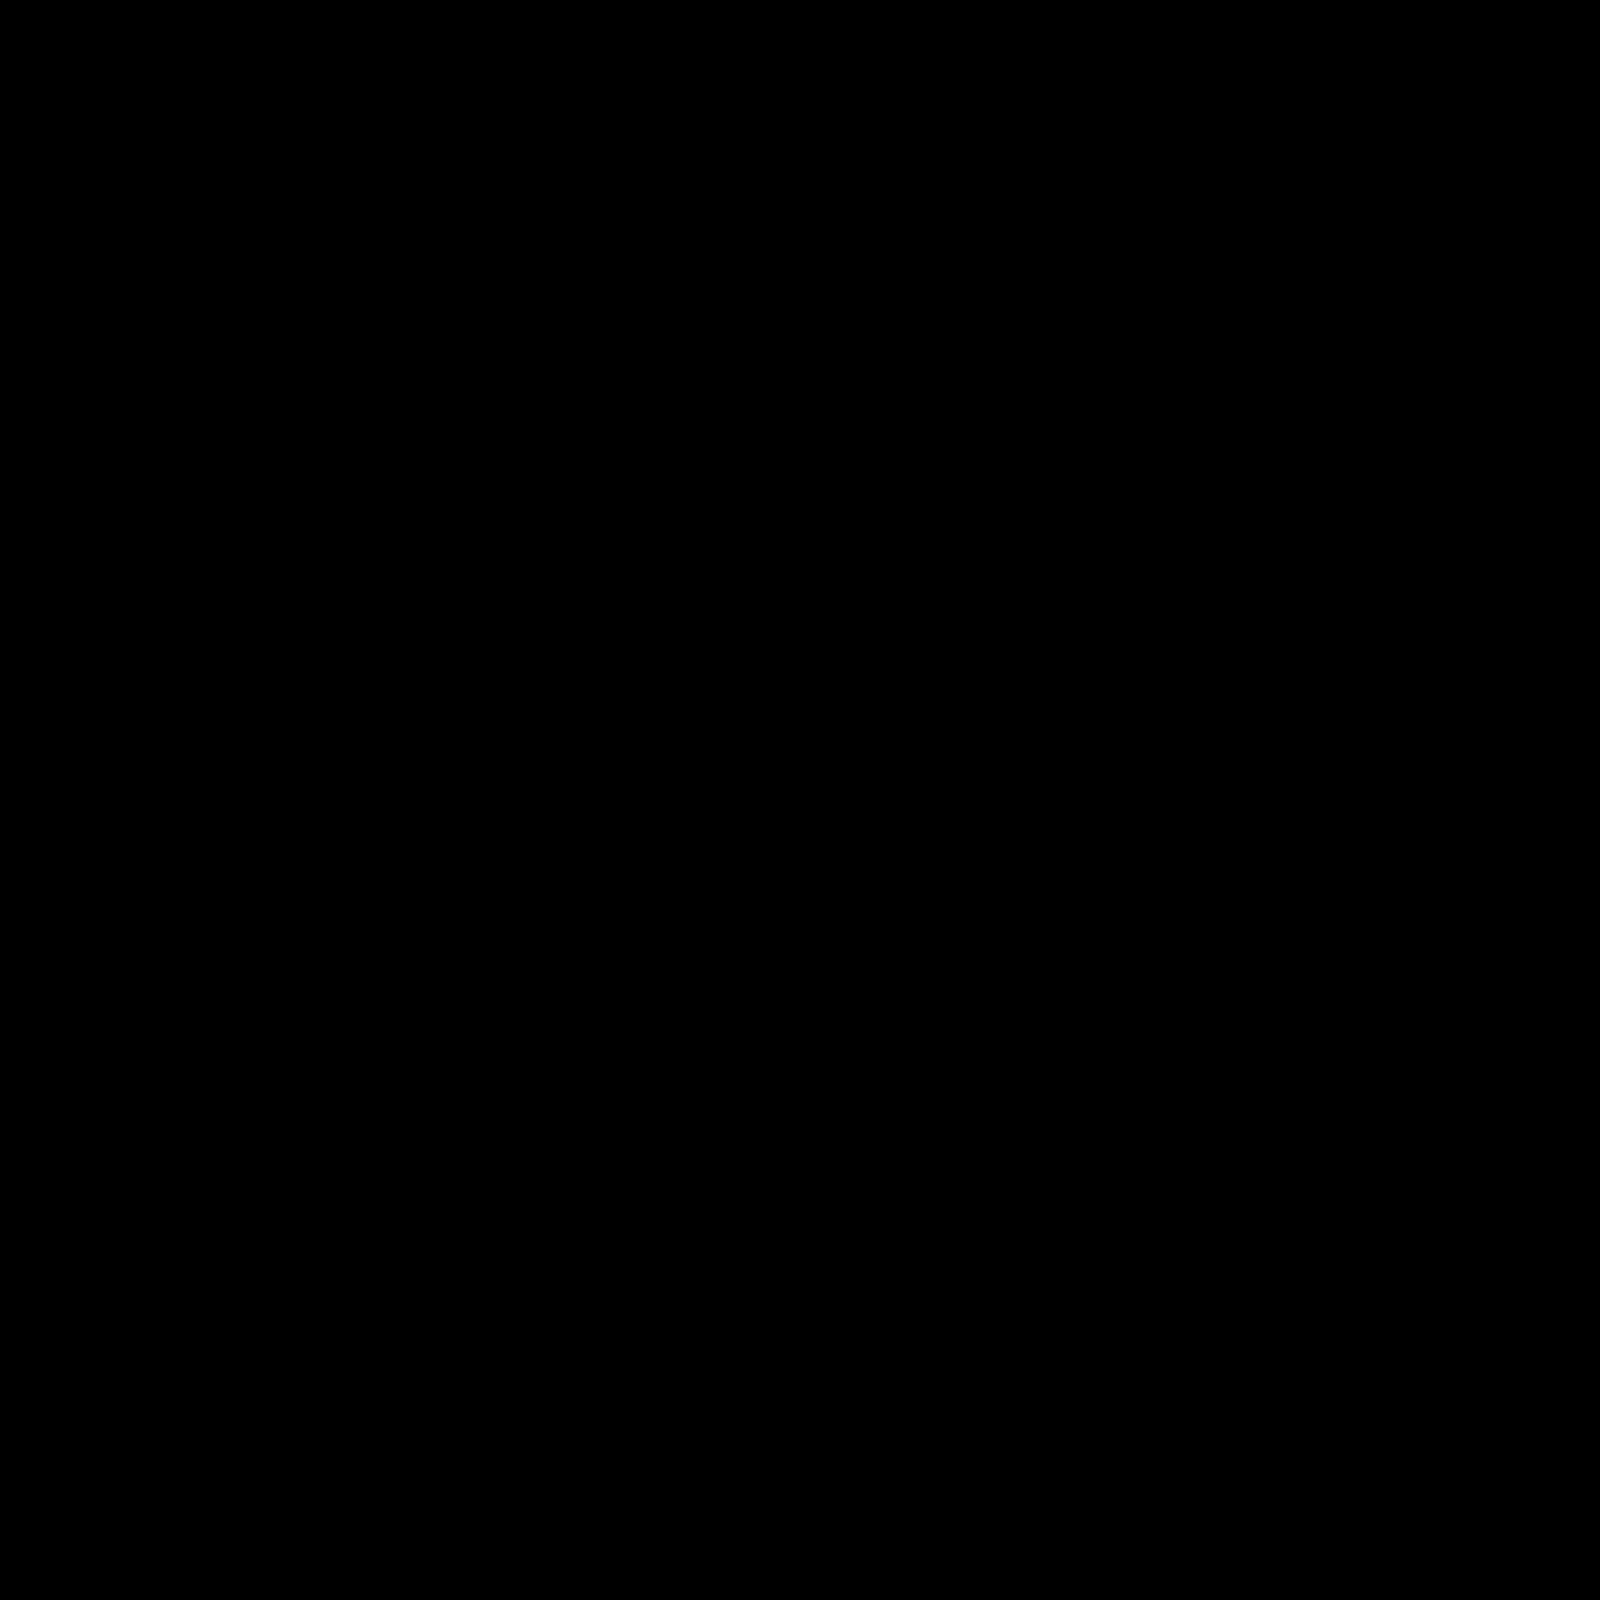 再生 icon